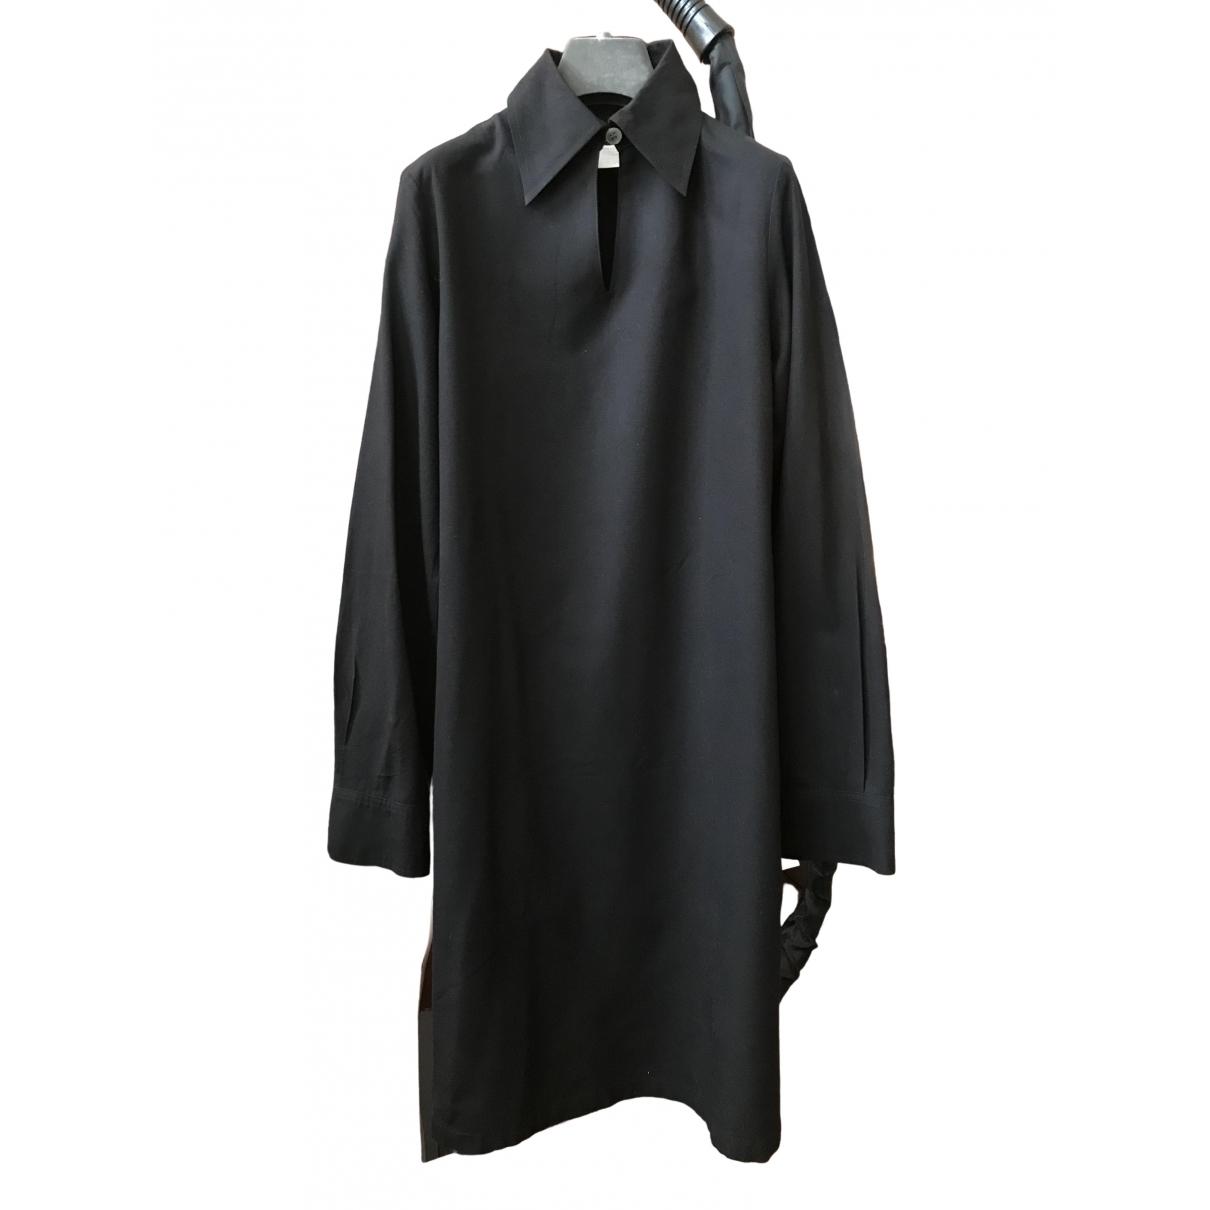 Yohji Yamamoto \N Kleid in  Schwarz Synthetik